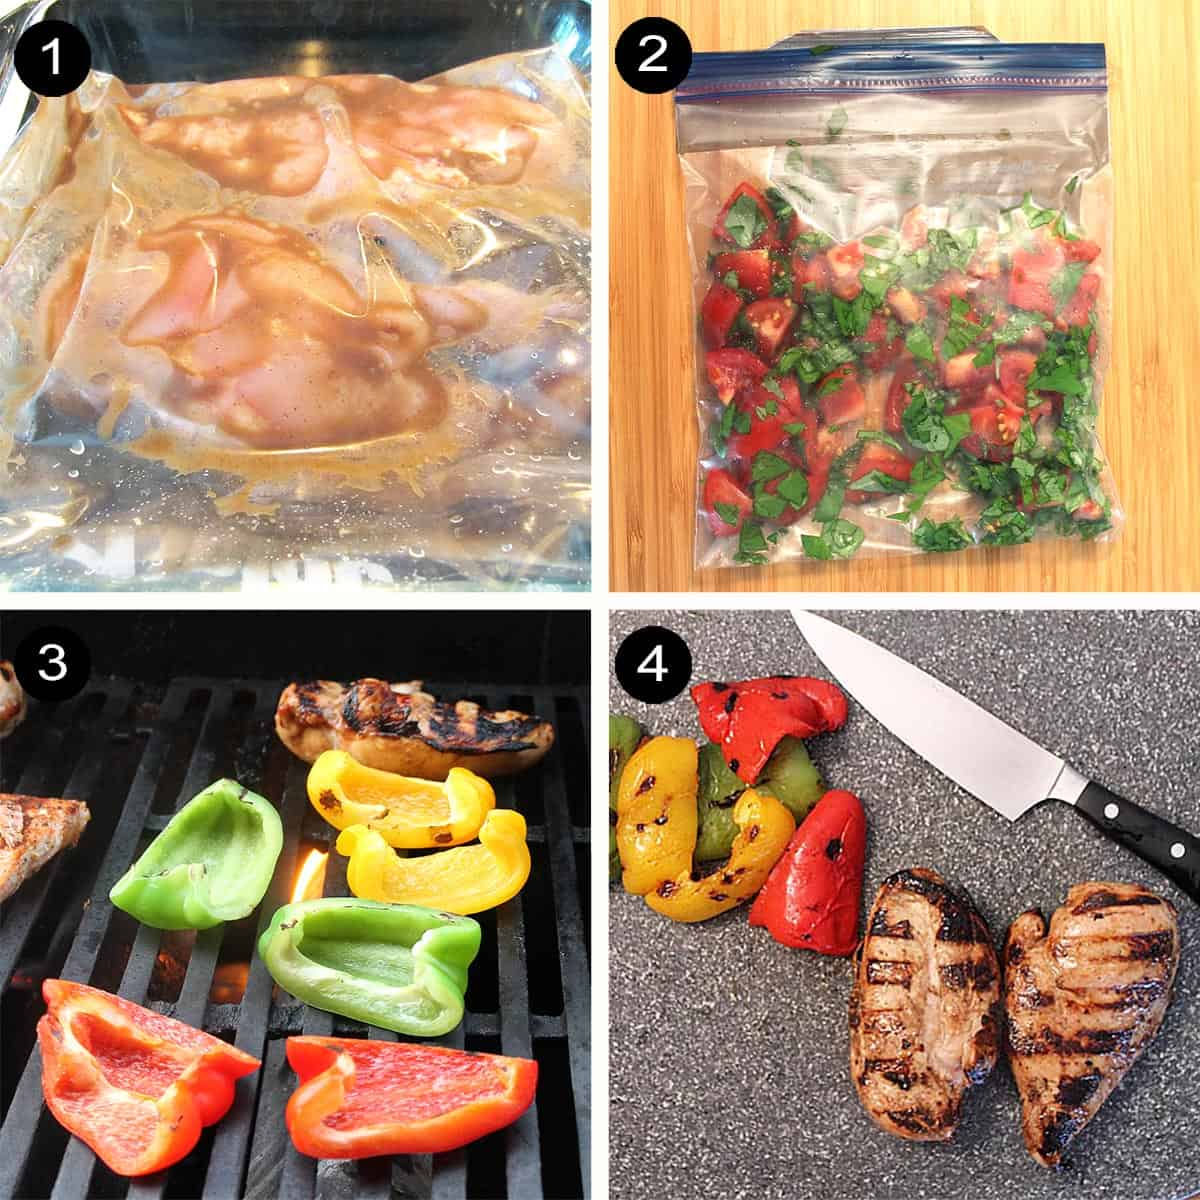 Preparing ingredients for salad steps 1-4.